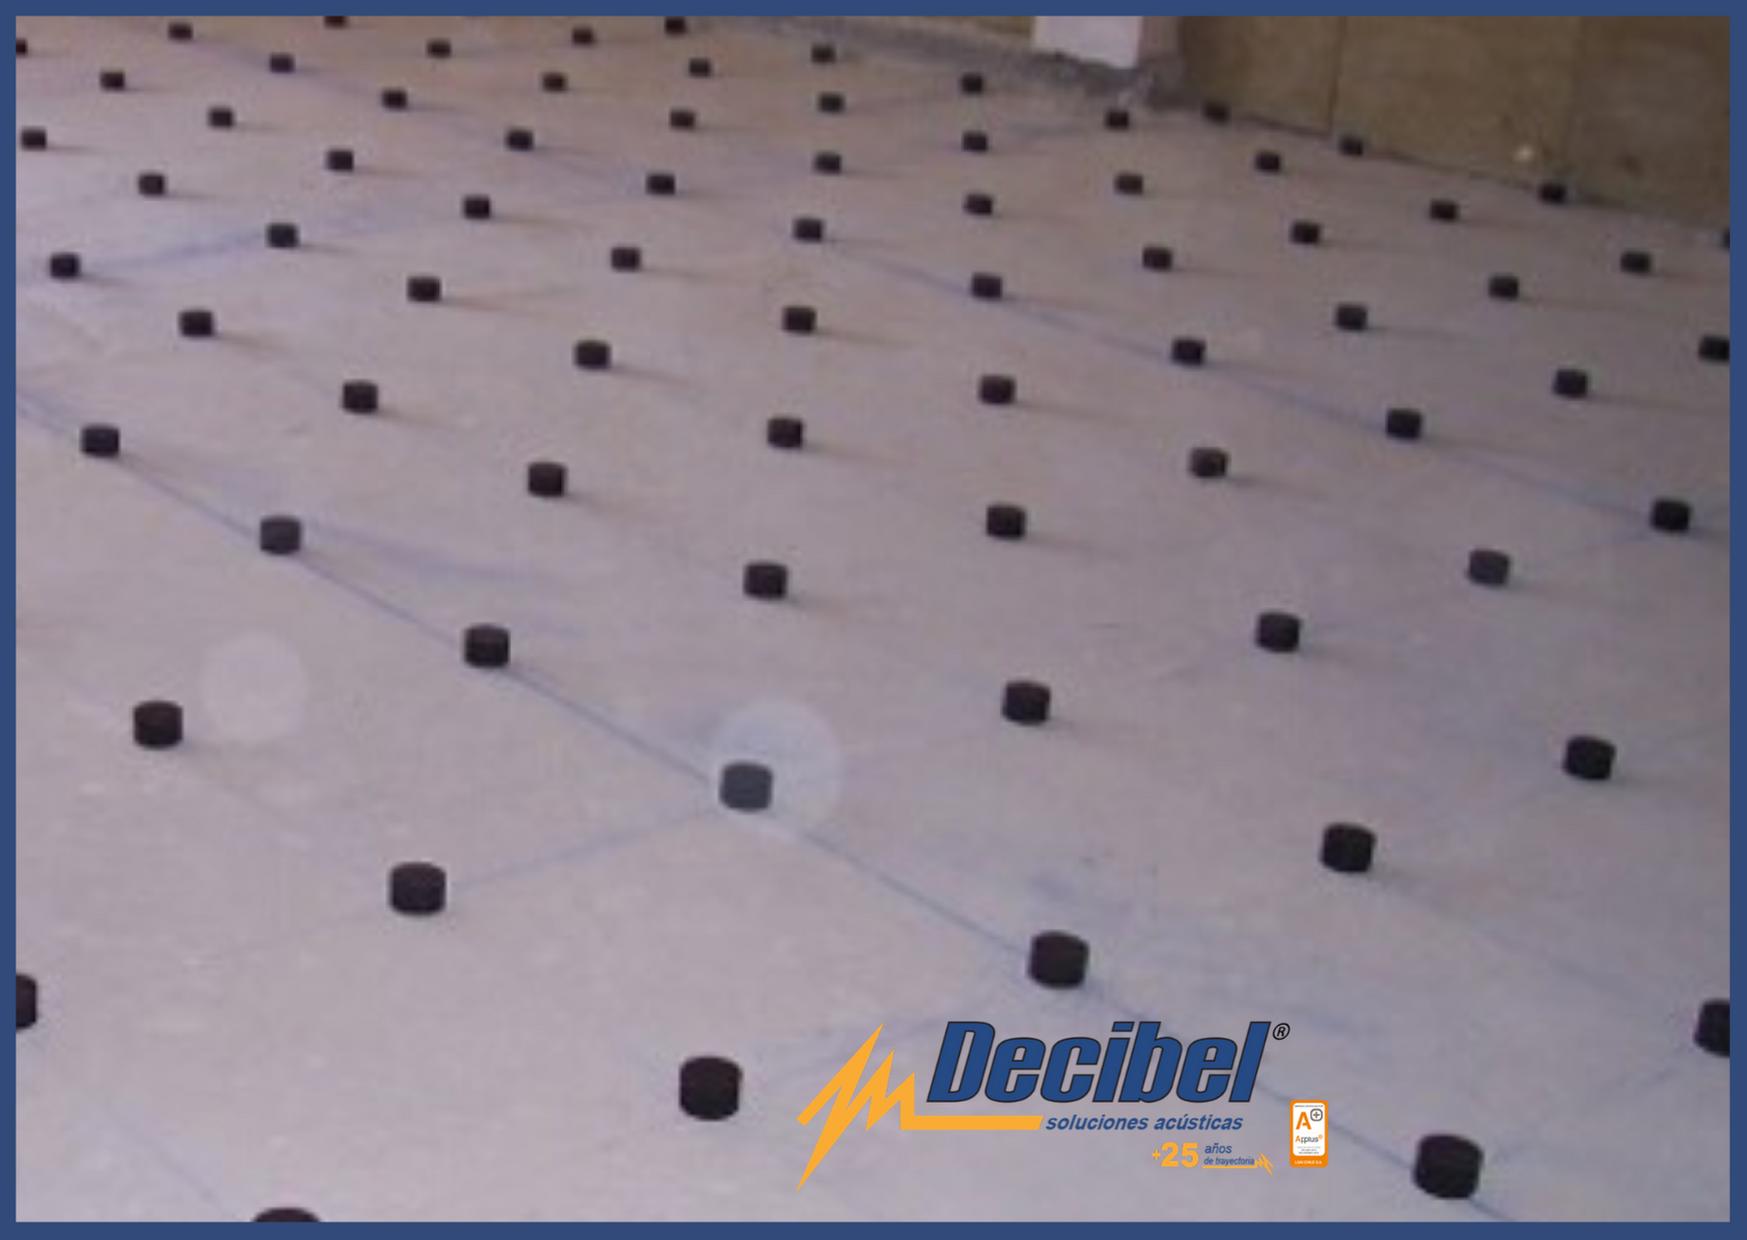 Soportes antivibratorios de AMC para suelos flotantes